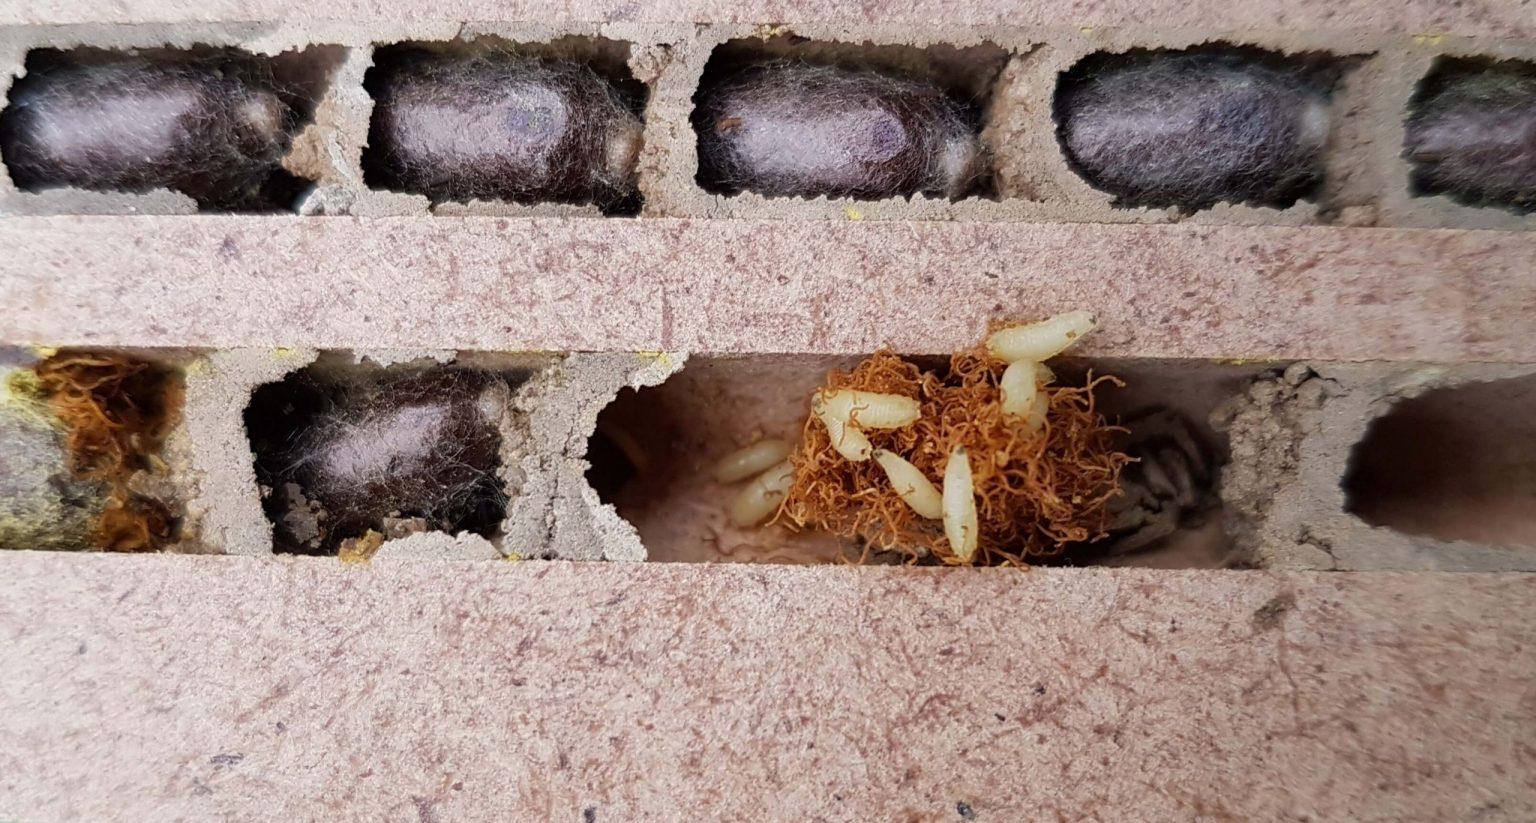 Taufliegen in Brutzellen der Mauerbienen